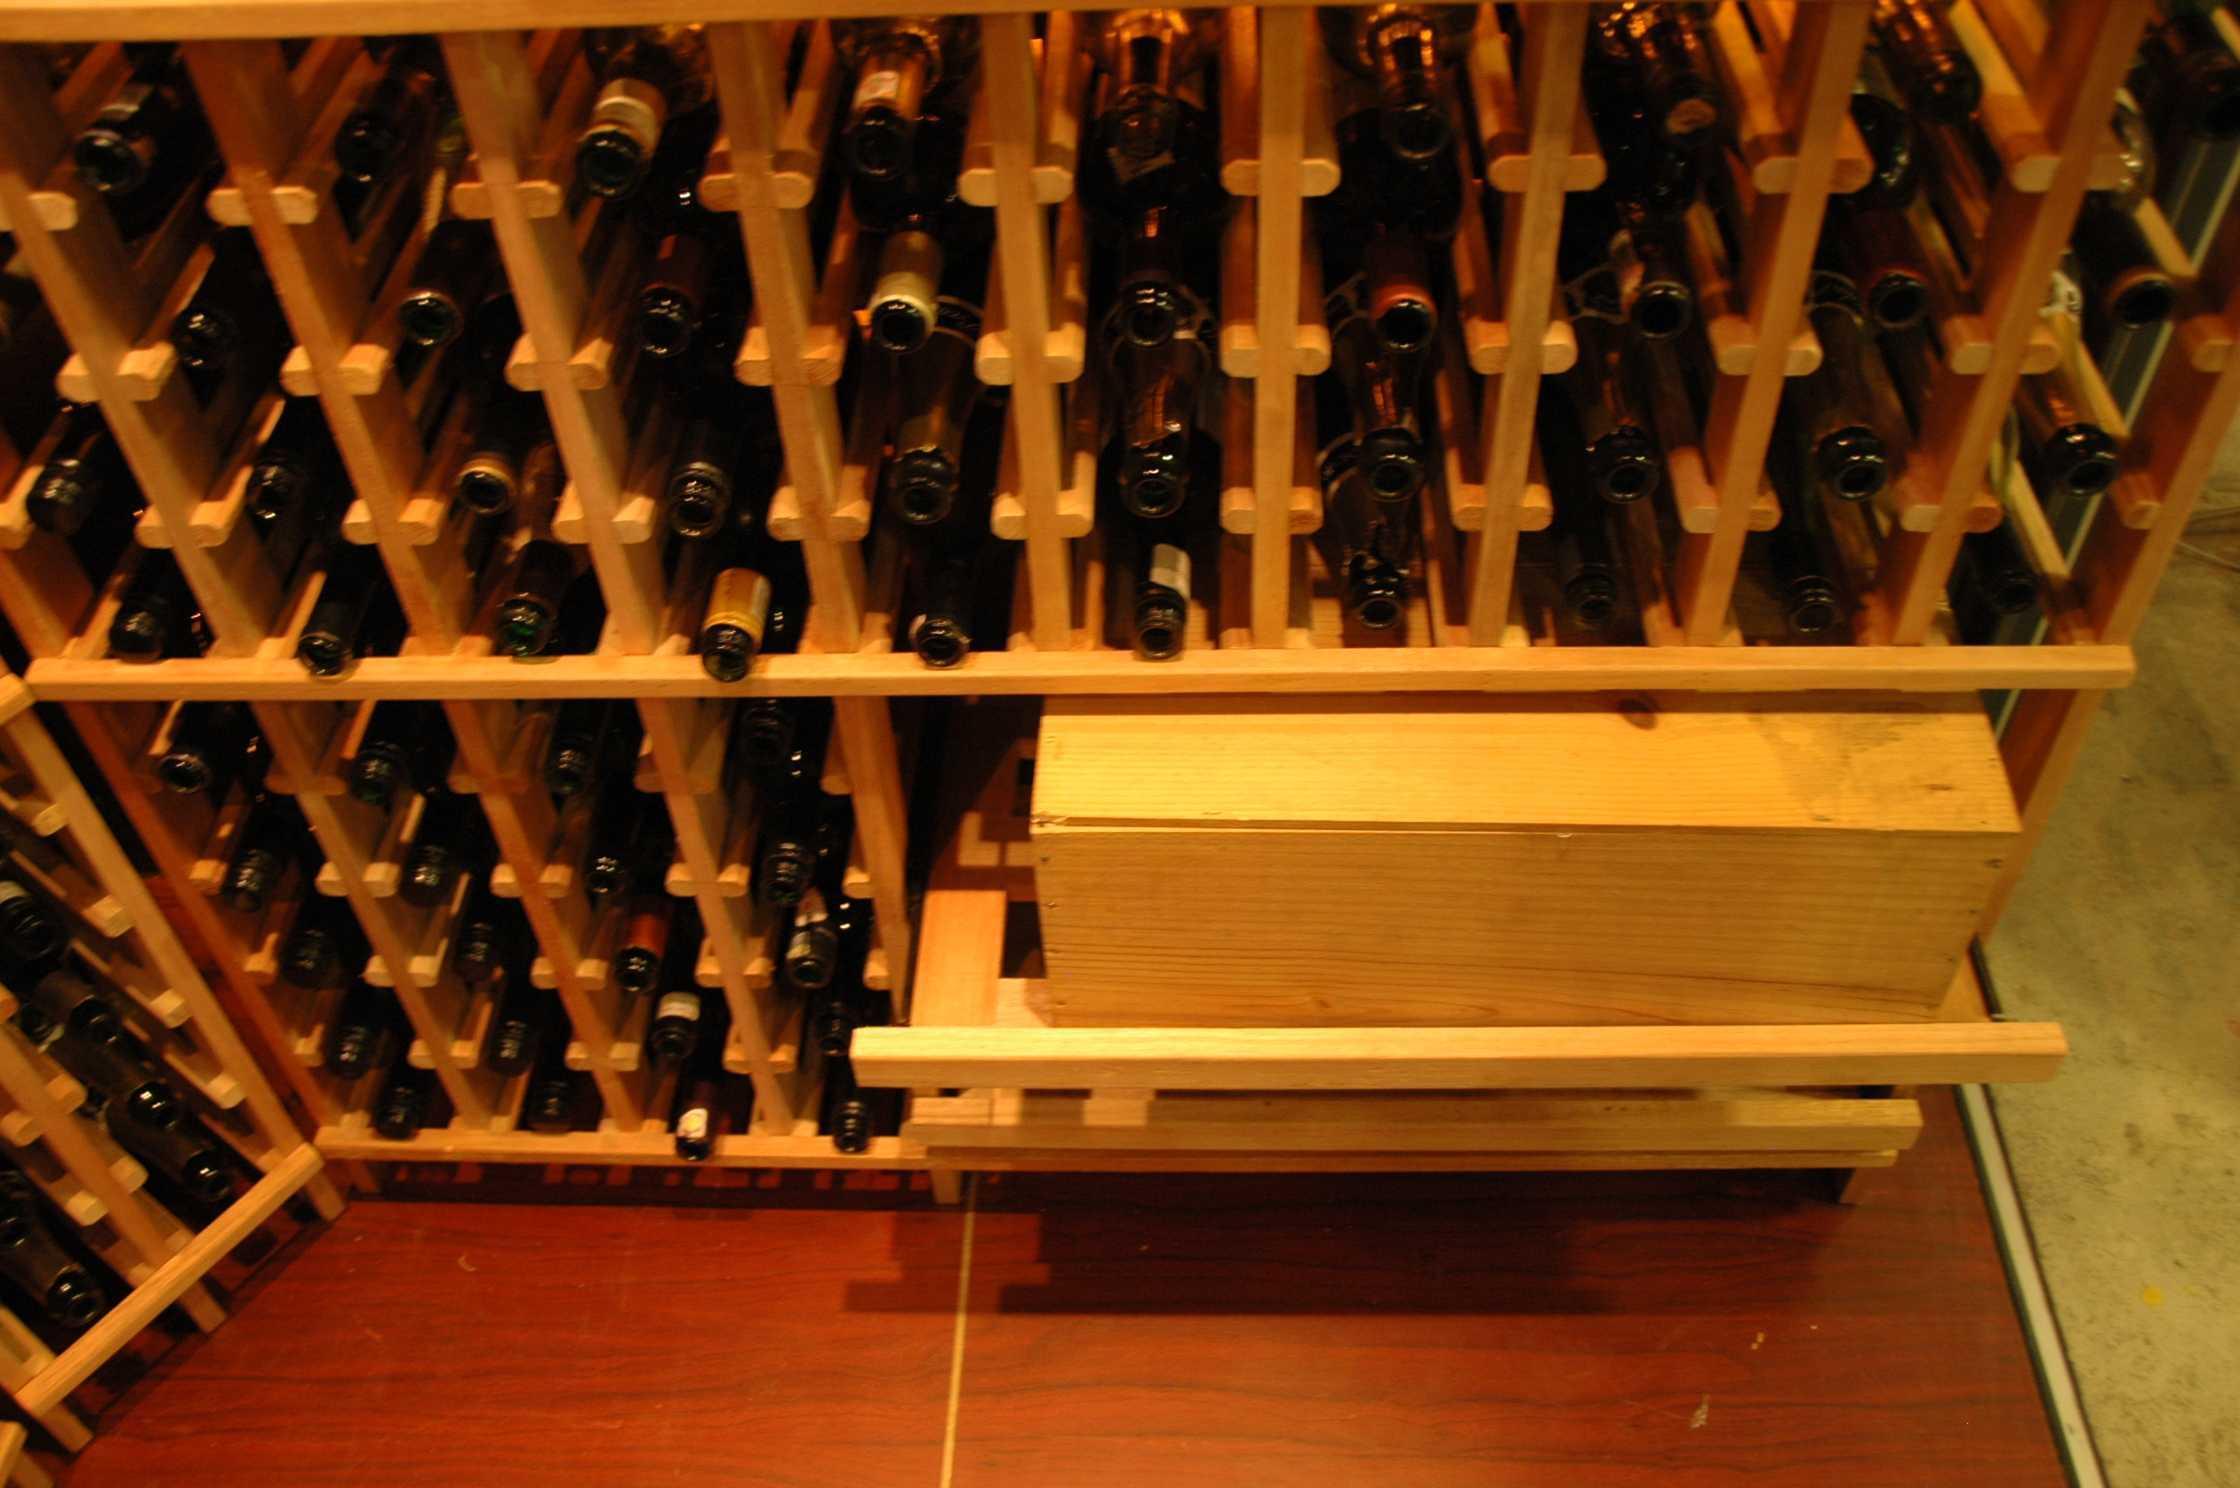 Awds Interior Wine Cellar Design Klp. Gading, Kota Jkt Utara, Daerah Khusus Ibukota Jakarta, Indonesia Klp. Gading, Kota Jkt Utara, Daerah Khusus Ibukota Jakarta, Indonesia Display Area   41793